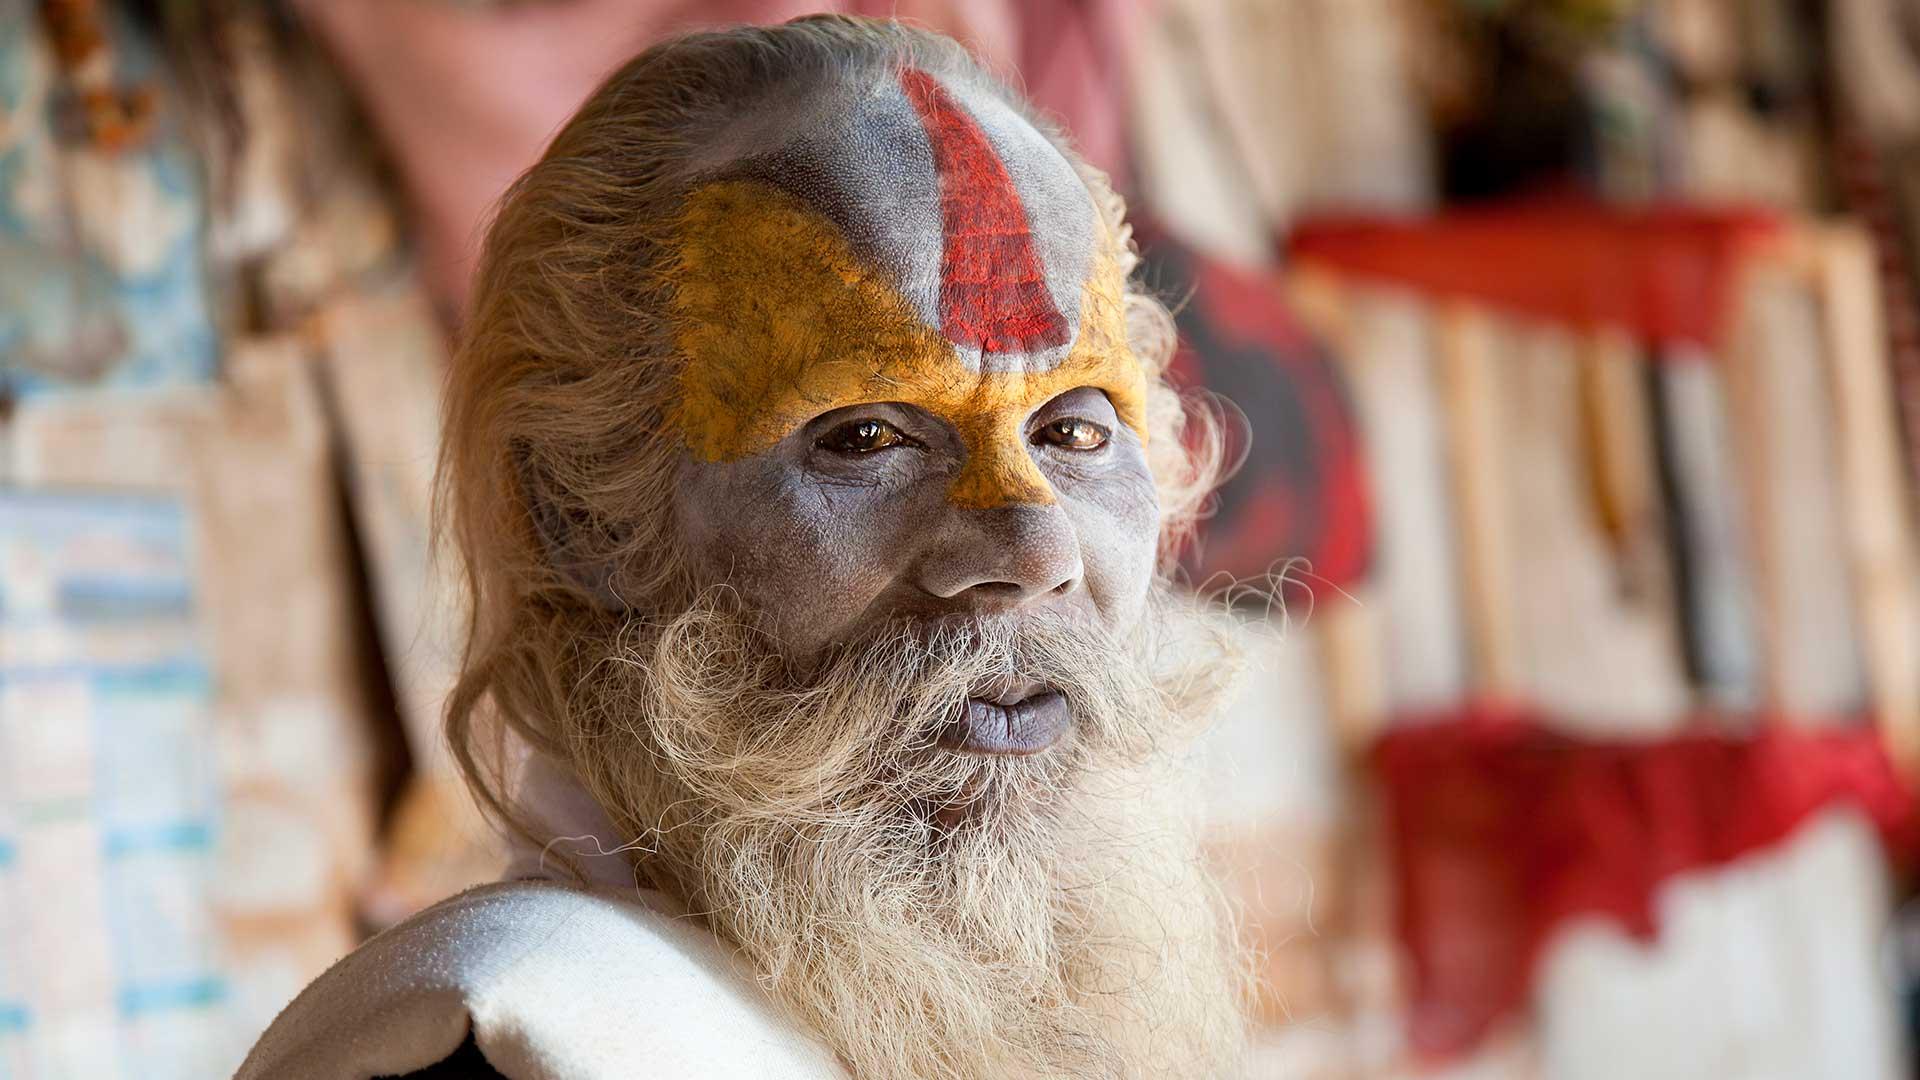 Sadhu, or holy man, in Kathmandu, Nepal